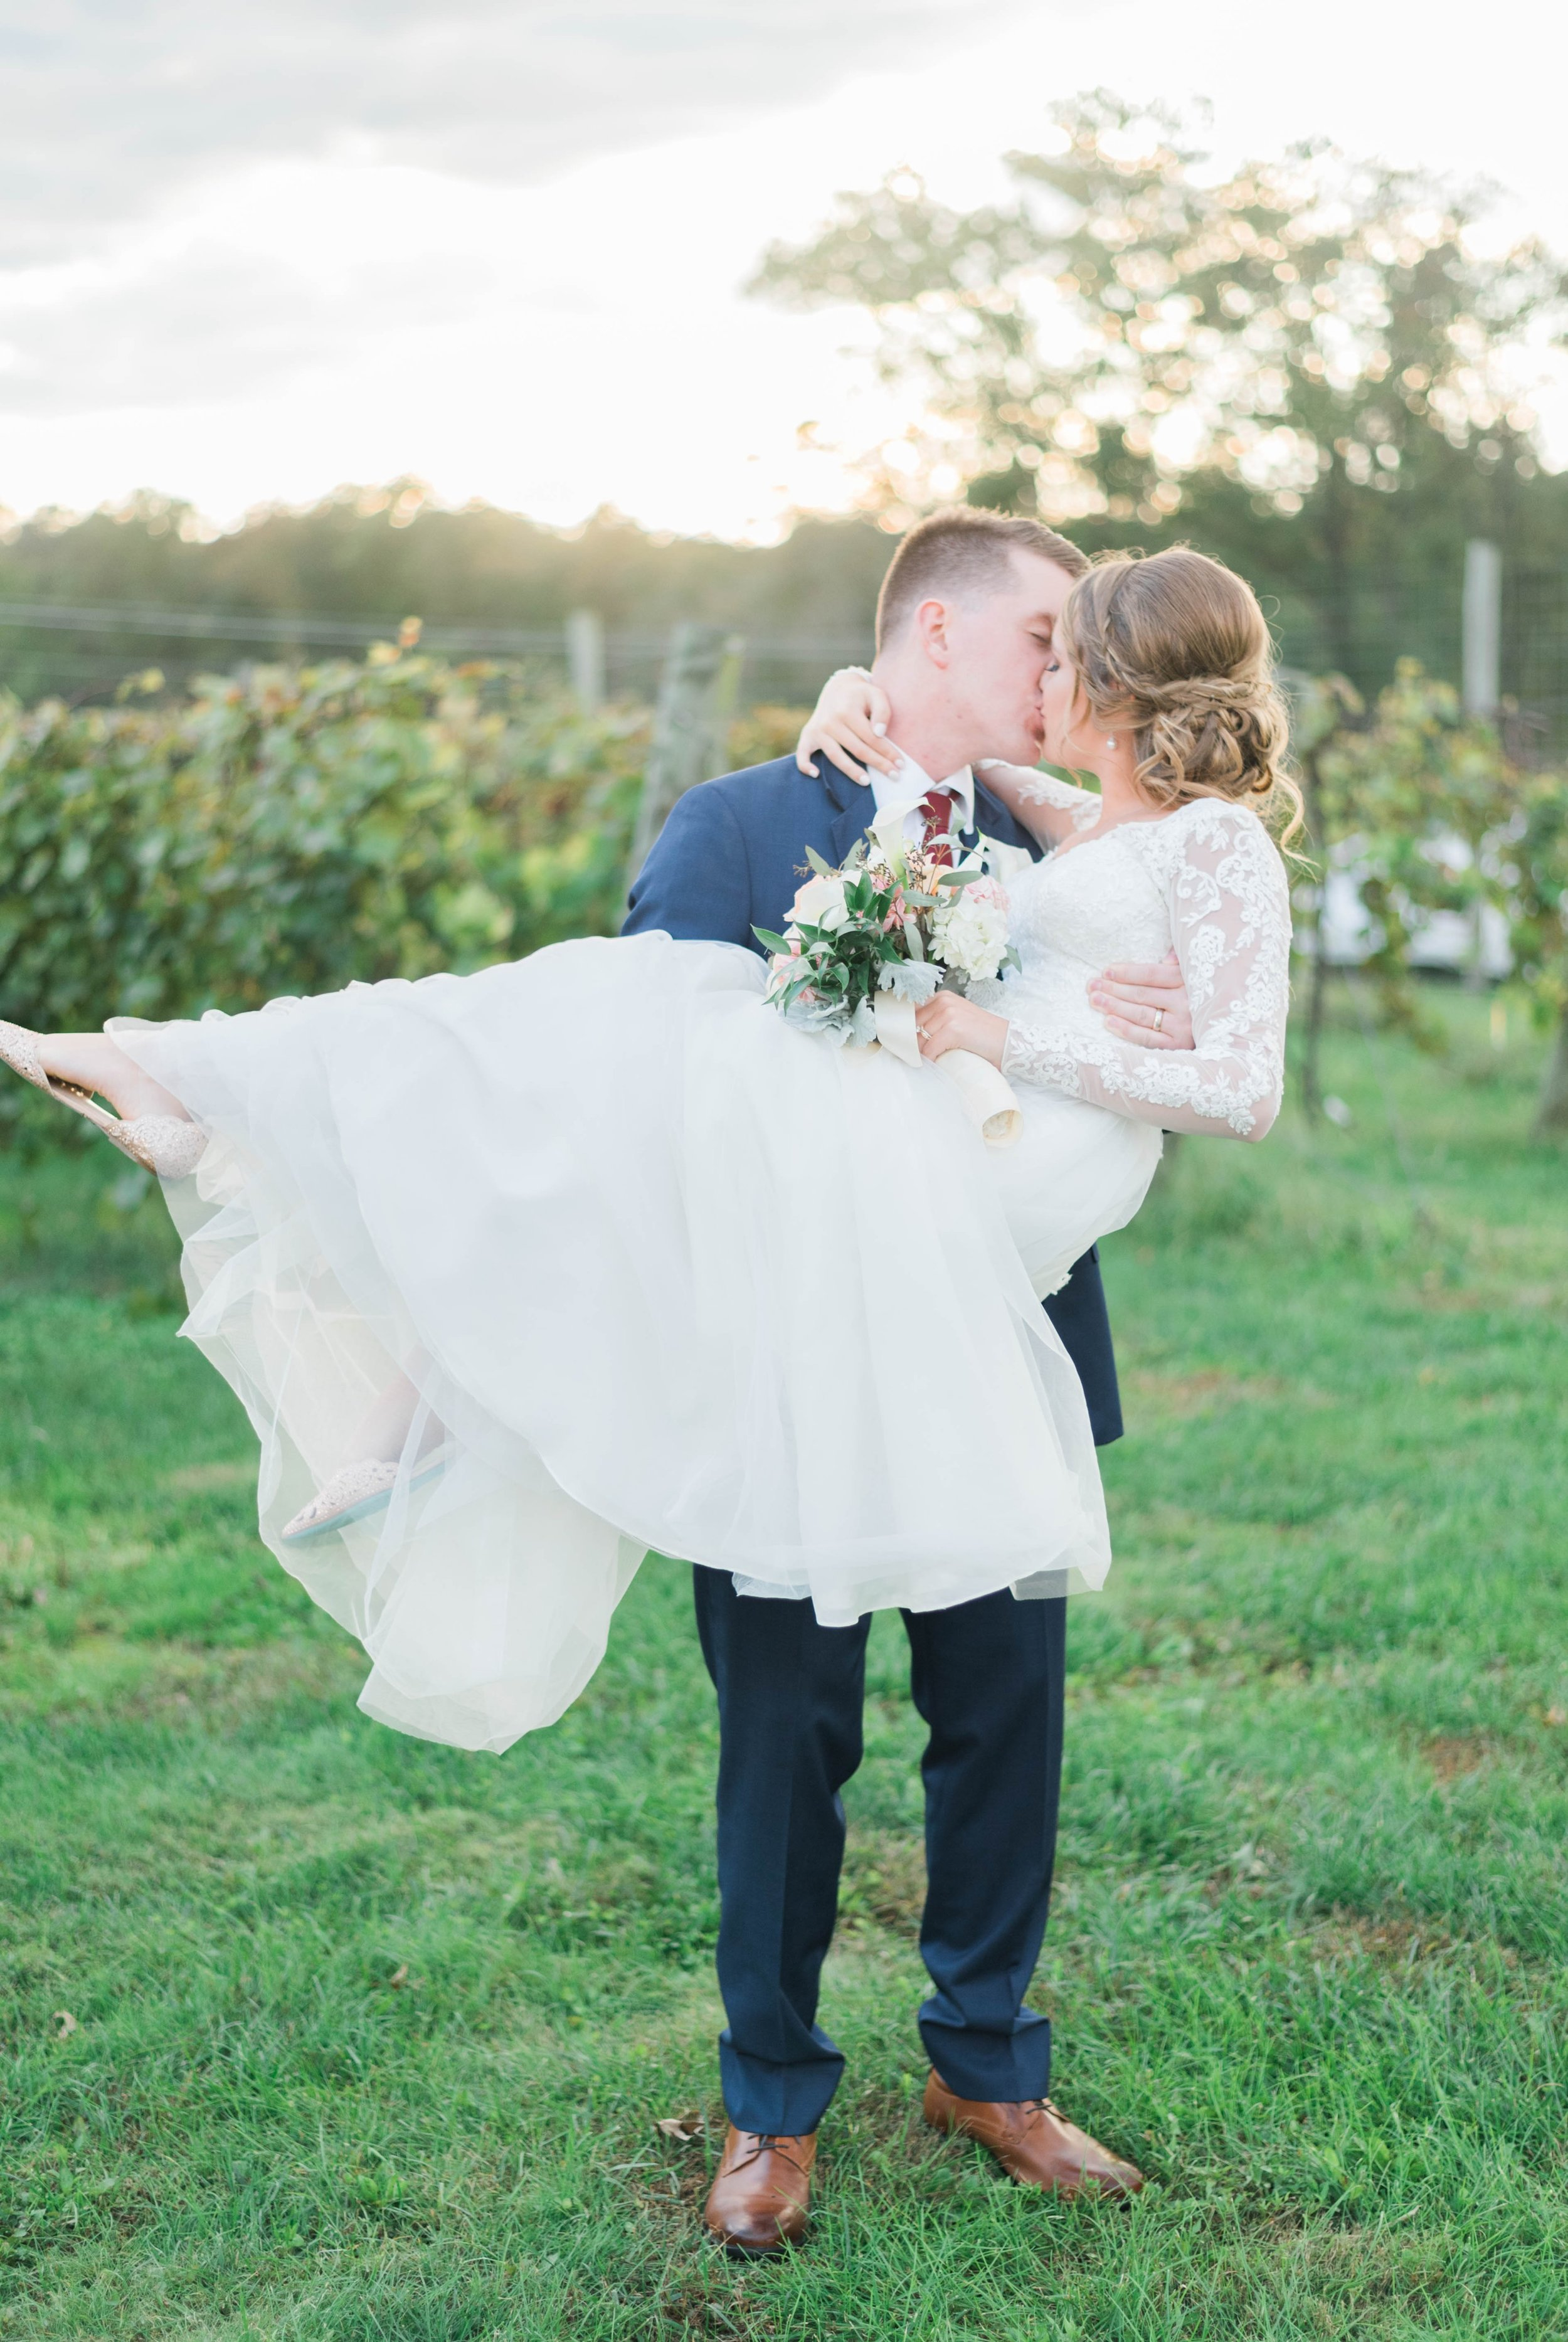 GrantElizabeth_wineryatbullrun_DCwedding_Virginiaweddingphotographer 32.jpg